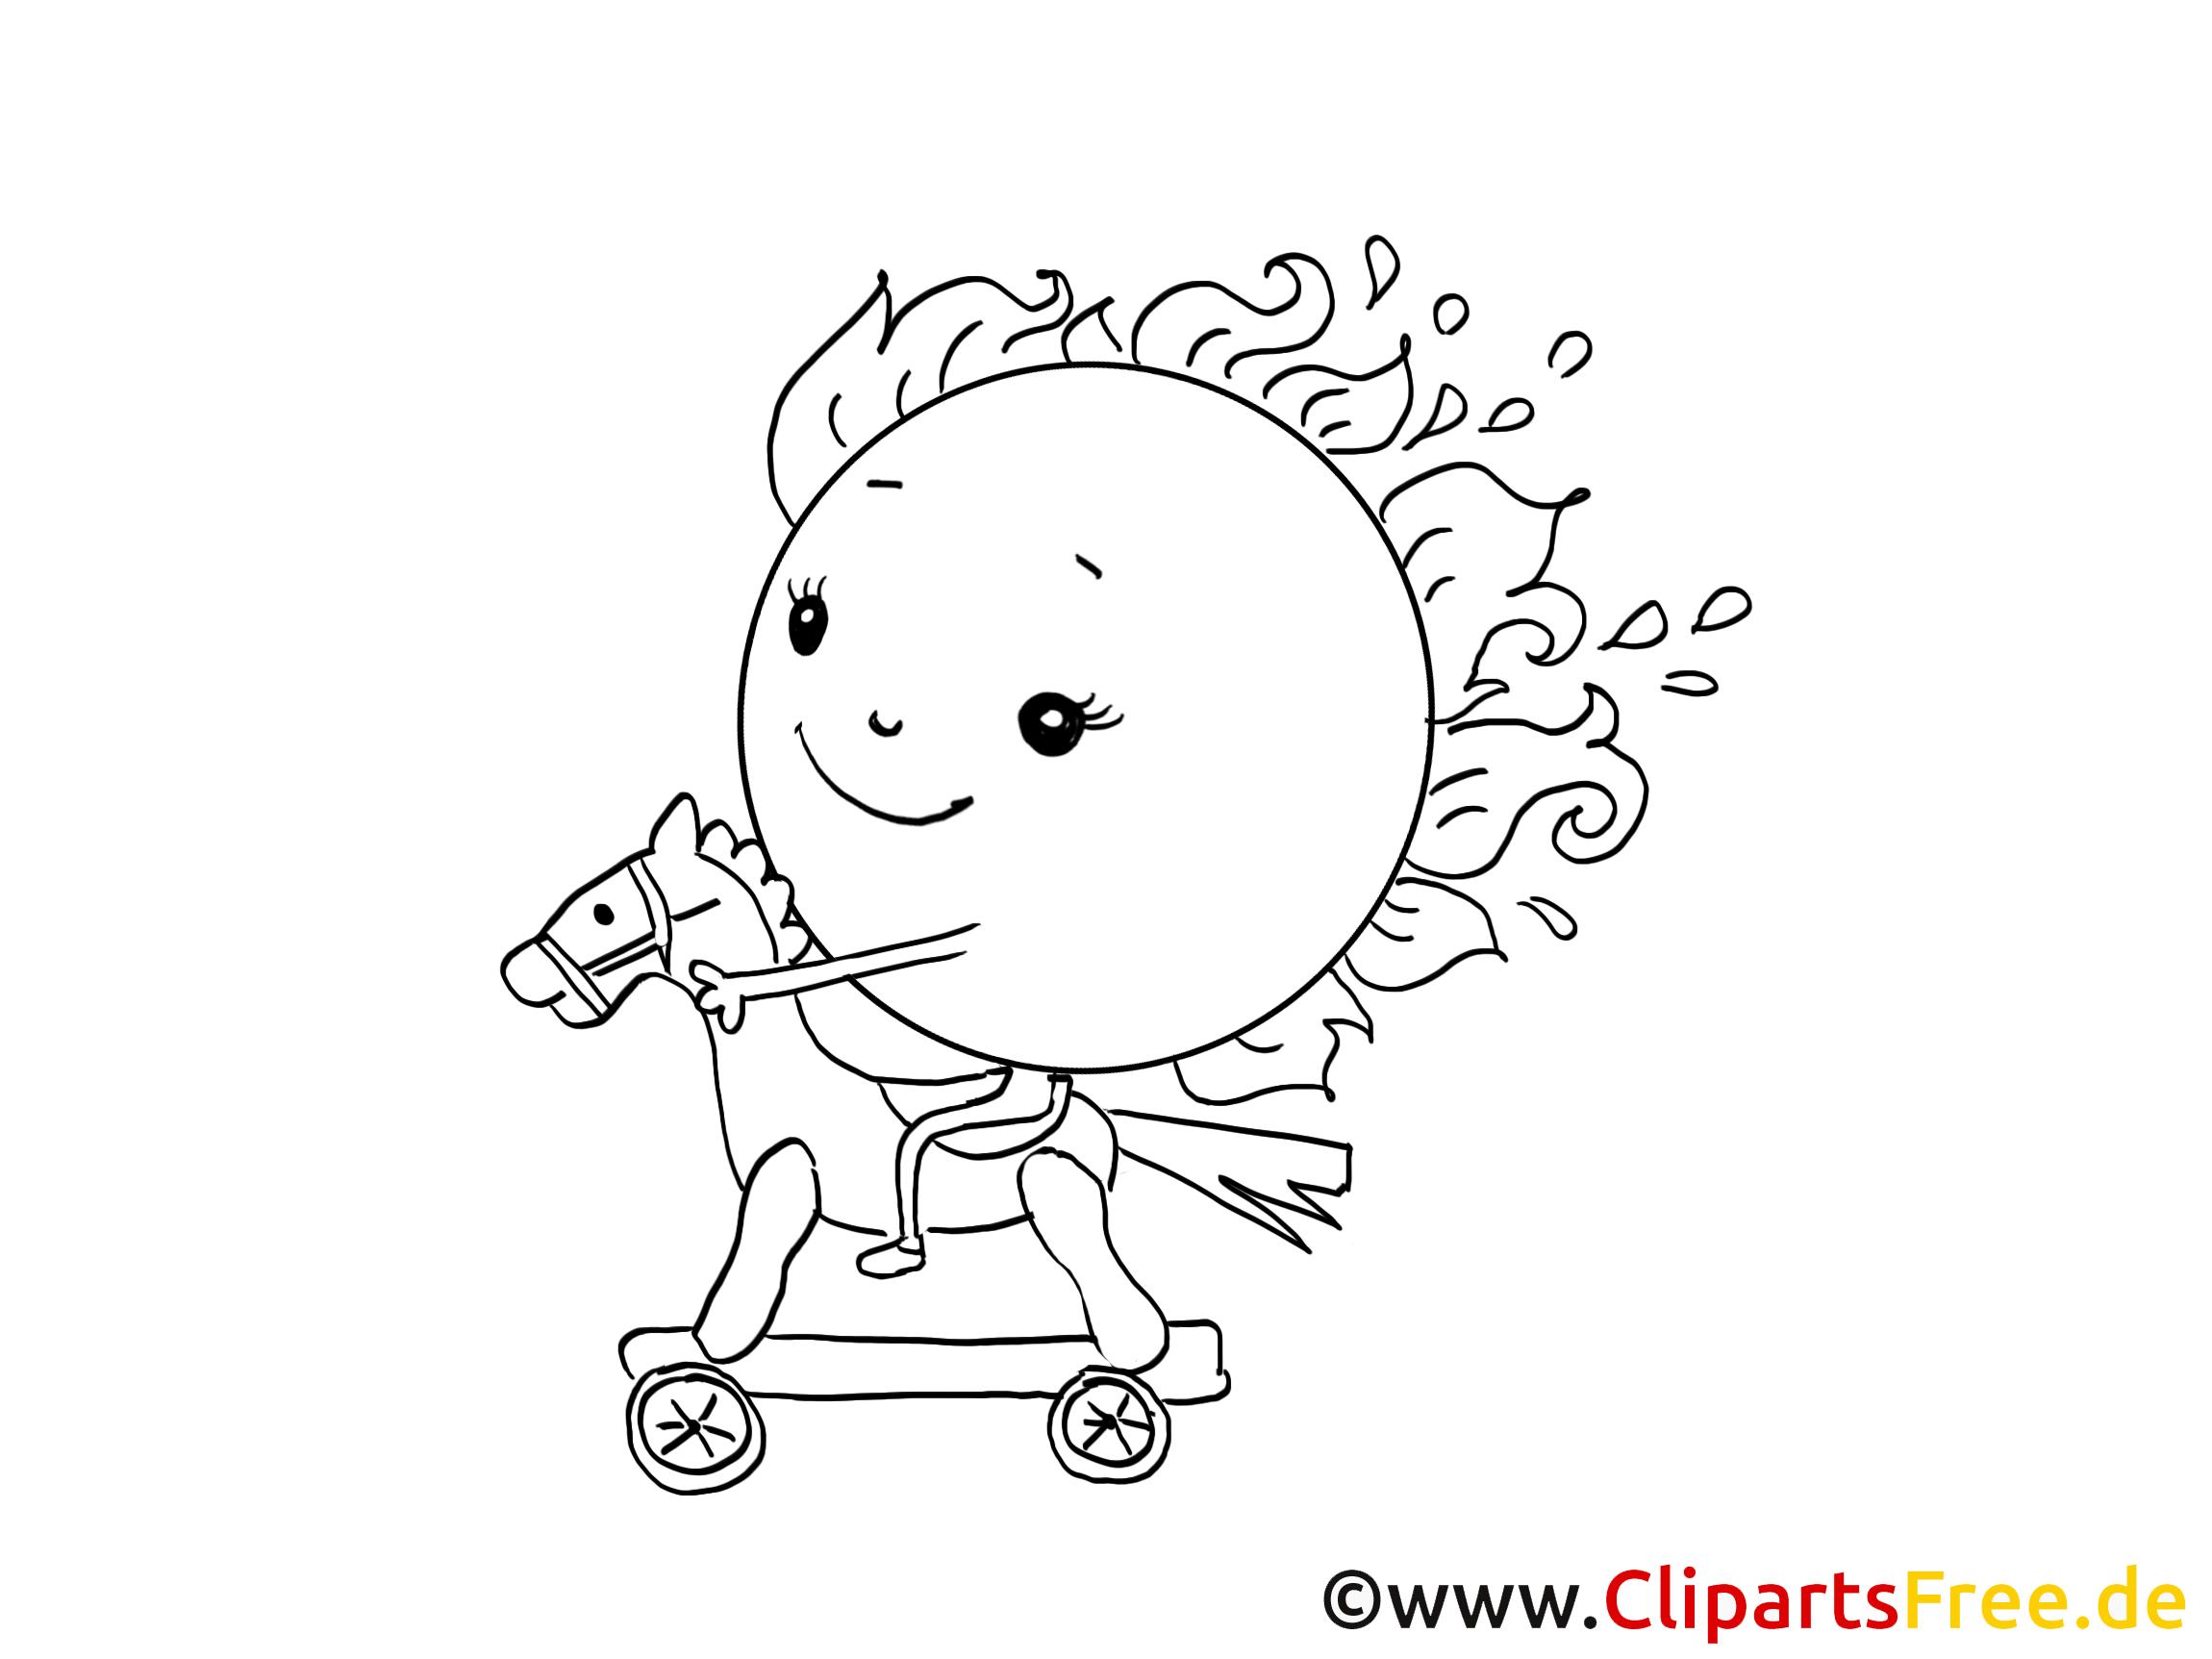 Soleil illustration – Maternelle à imprimer